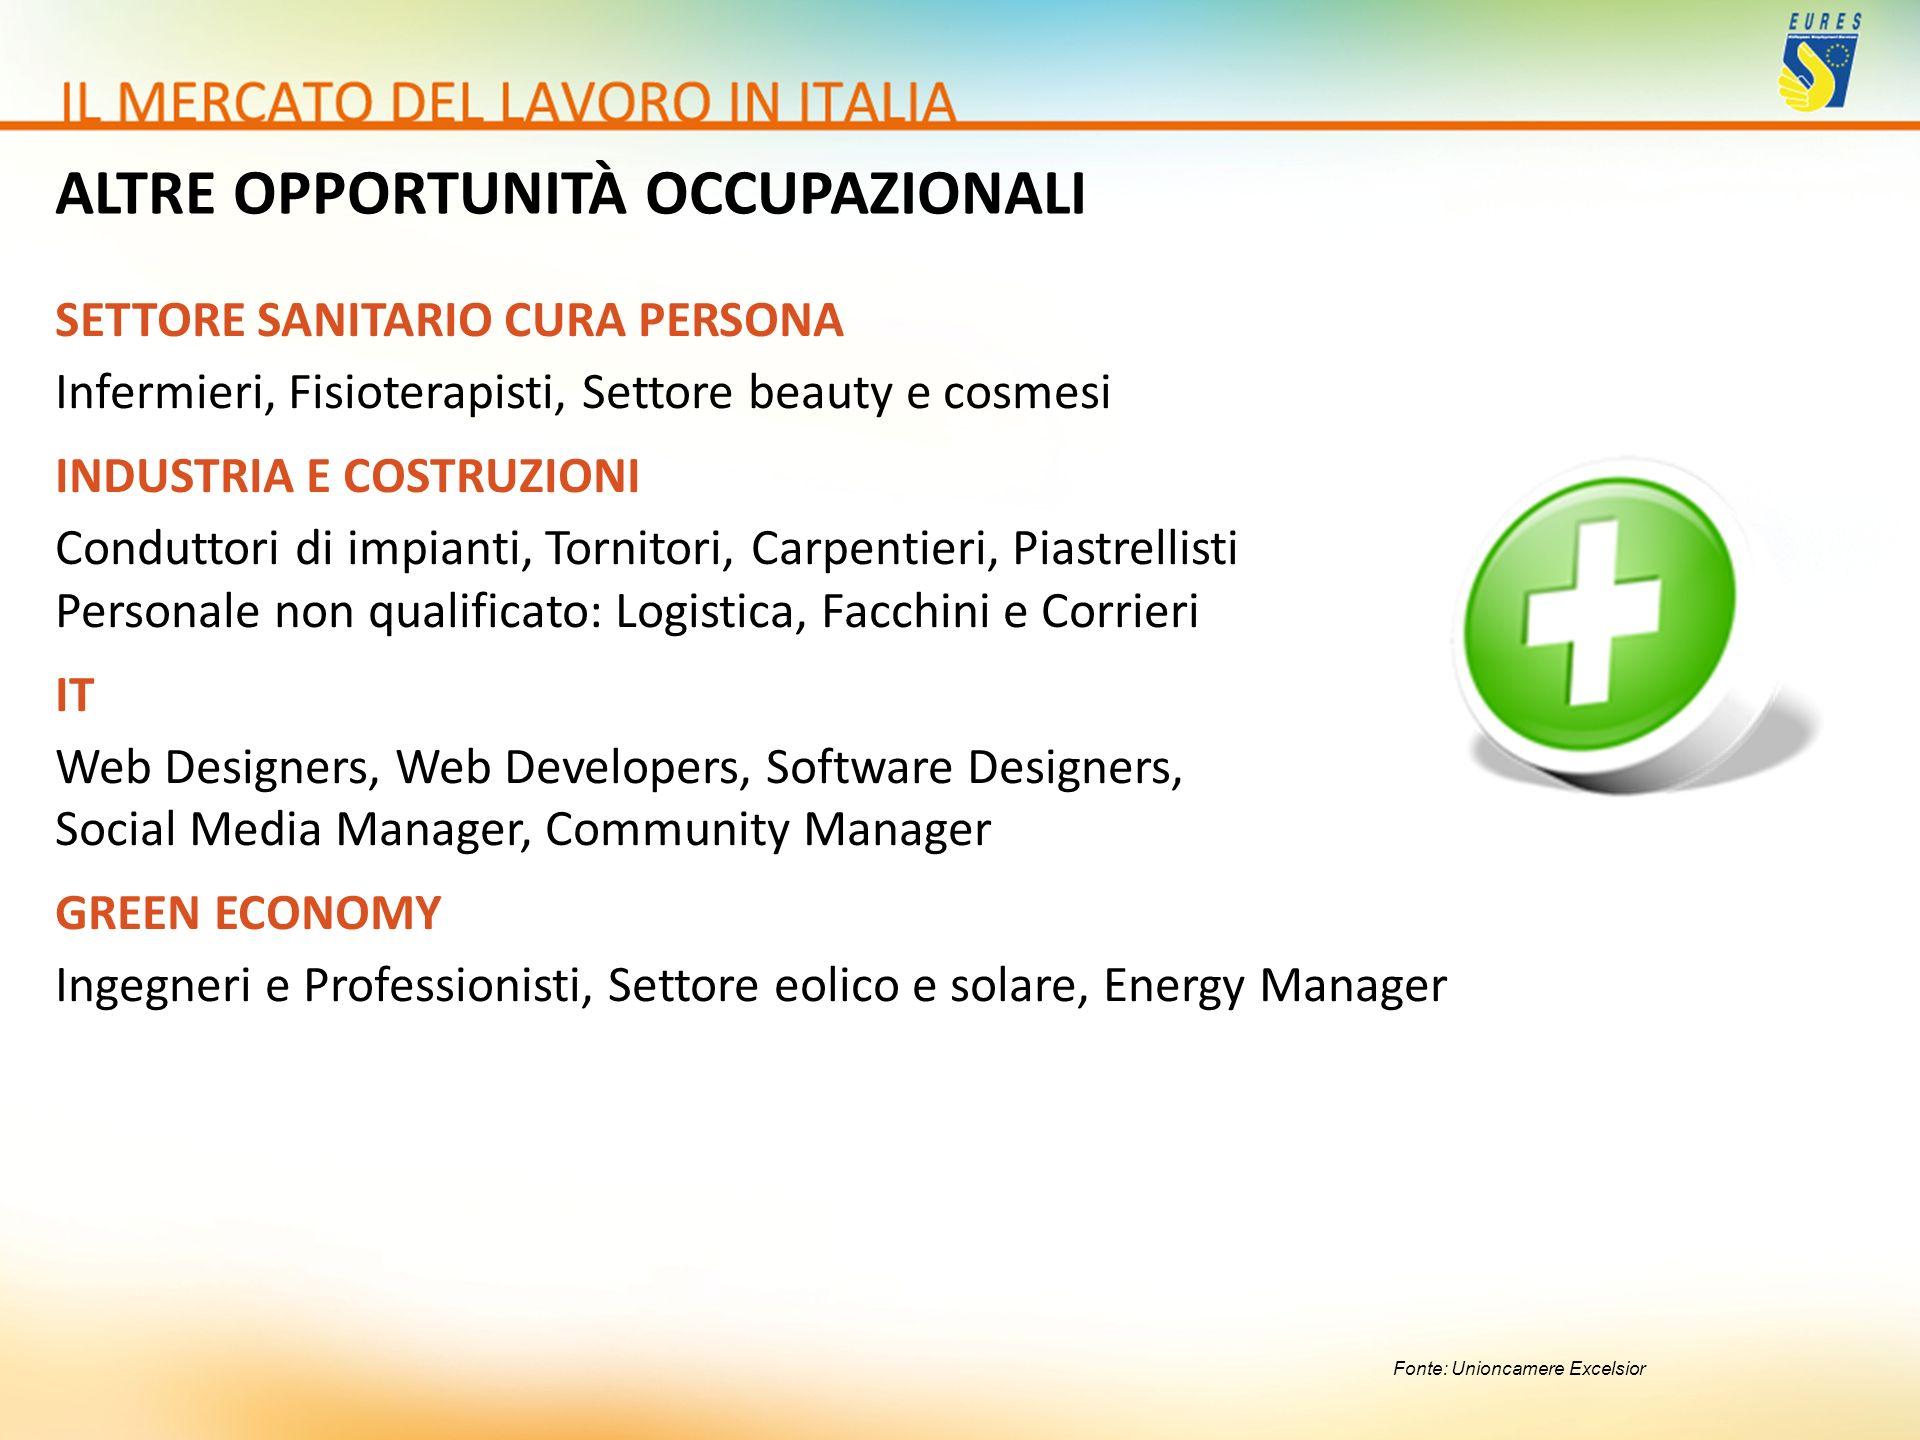 Fonte: Unioncamere Excelsior SETTORE SANITARIO CURA PERSONA Infermieri, Fisioterapisti, Settore beauty e cosmesi INDUSTRIA E COSTRUZIONI Conduttori di